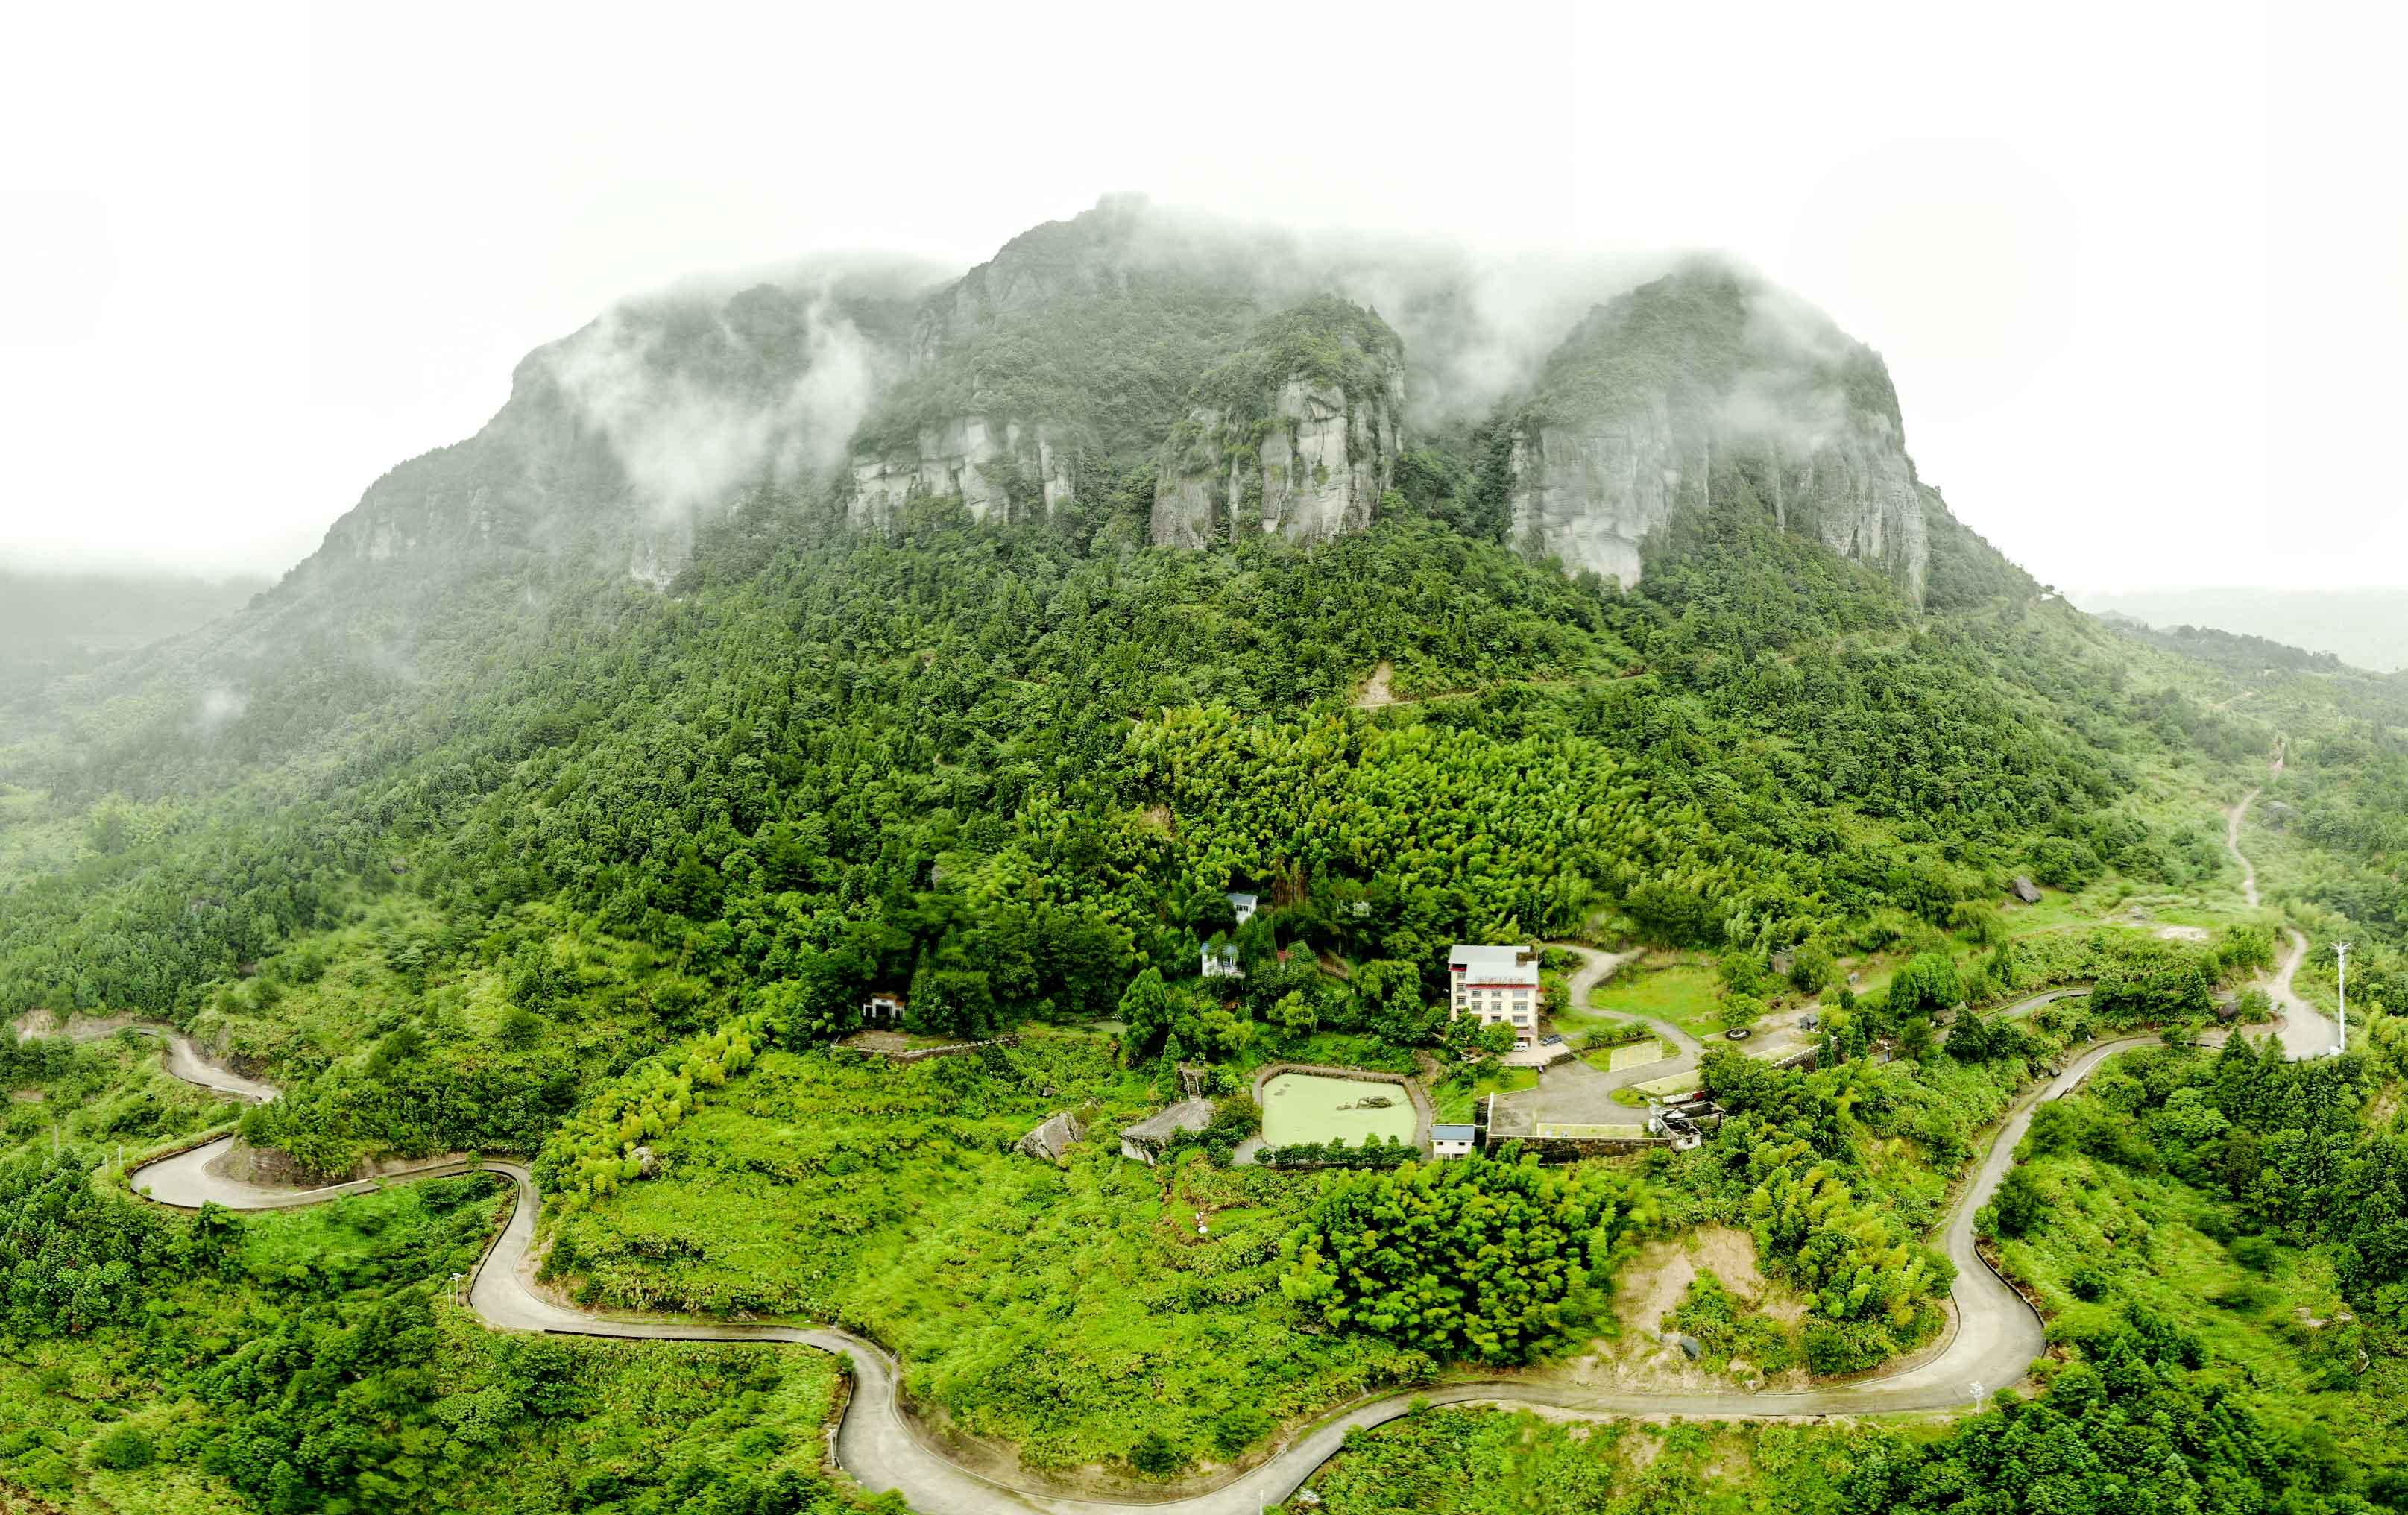 白岩山主峰全景图